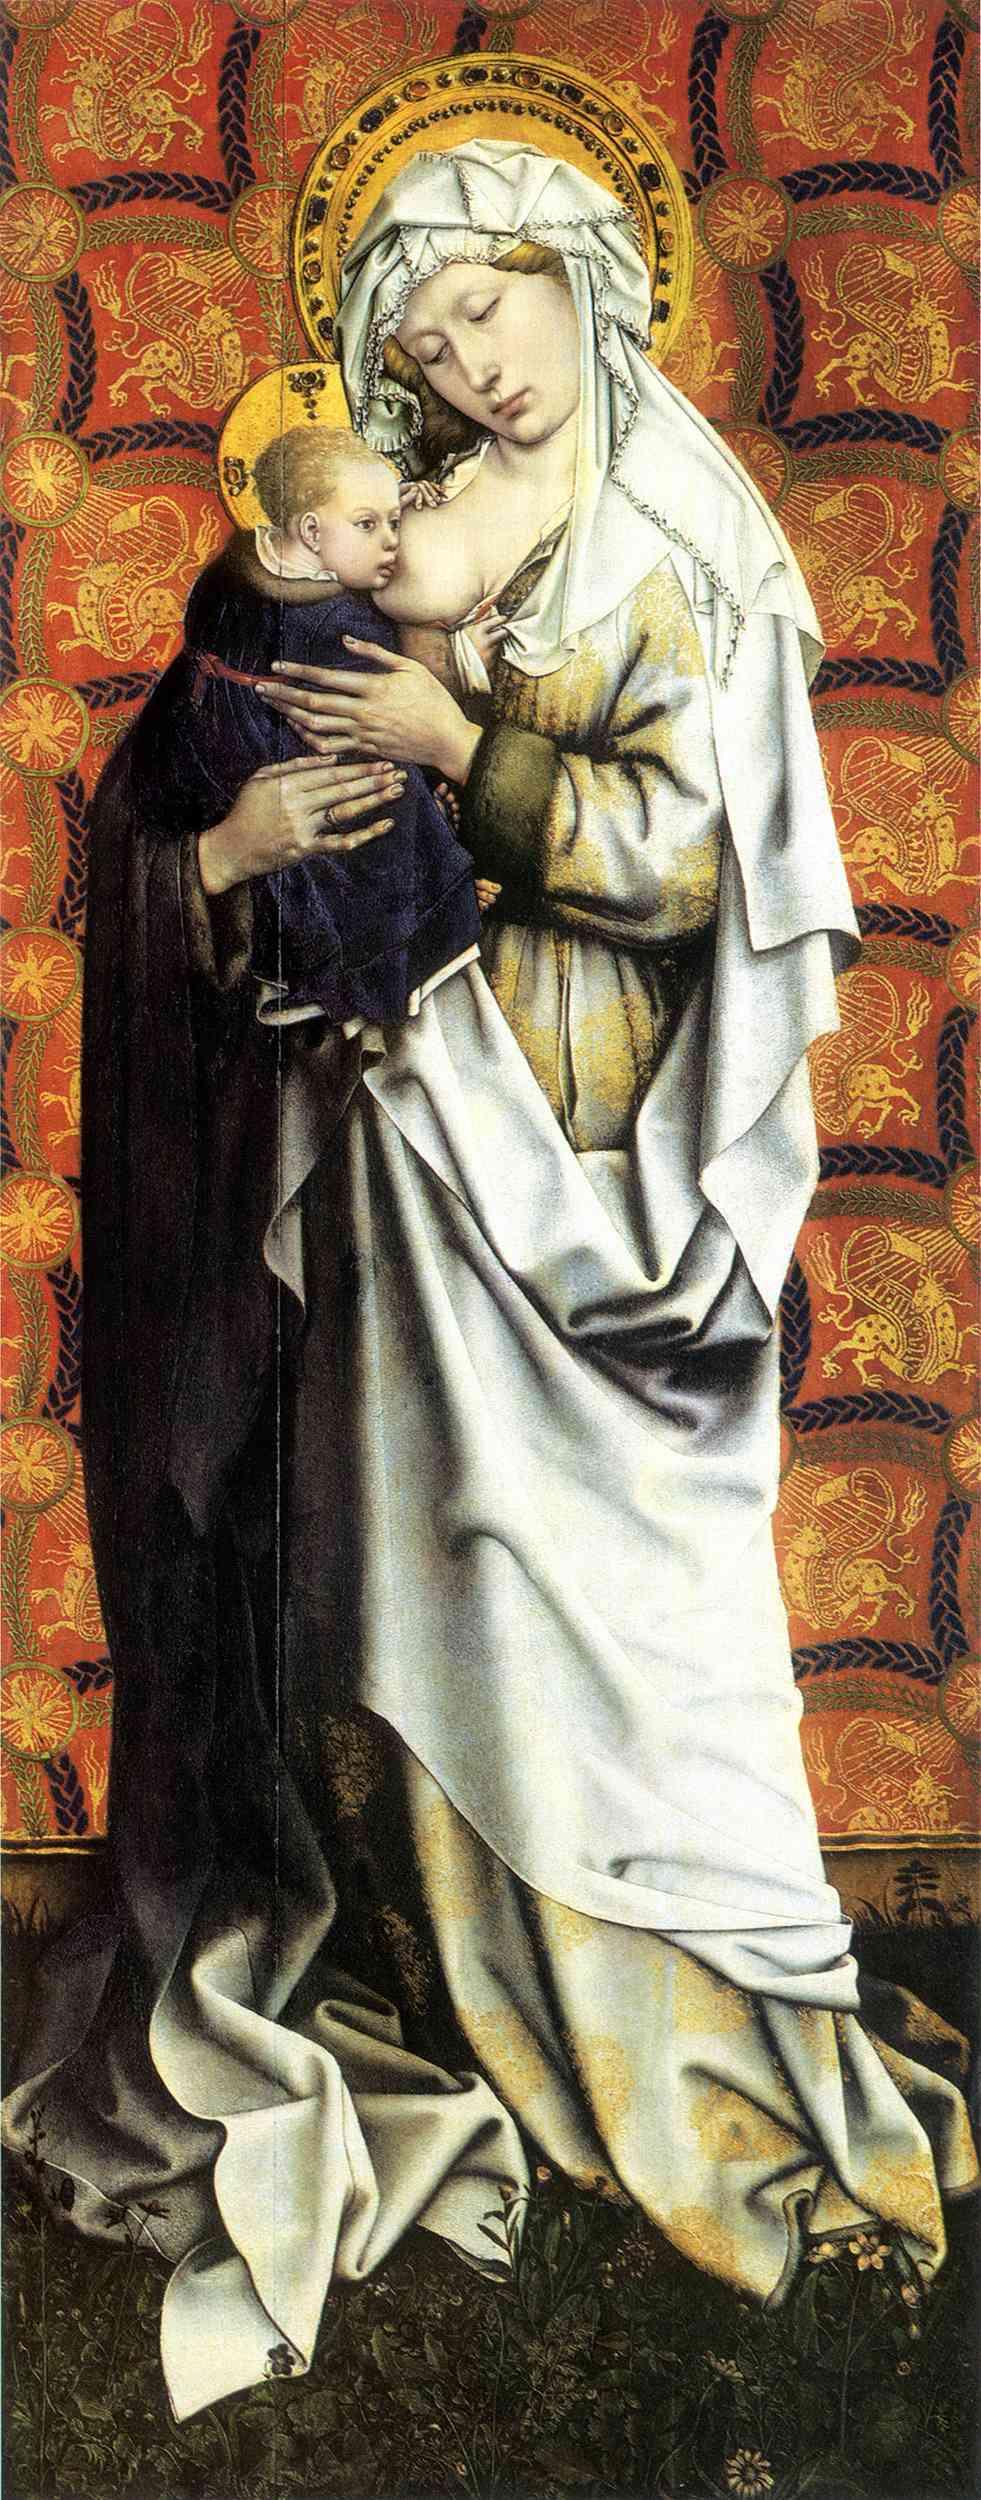 Les peintures religieuses de Robert Campin - Page 2 Vierge13